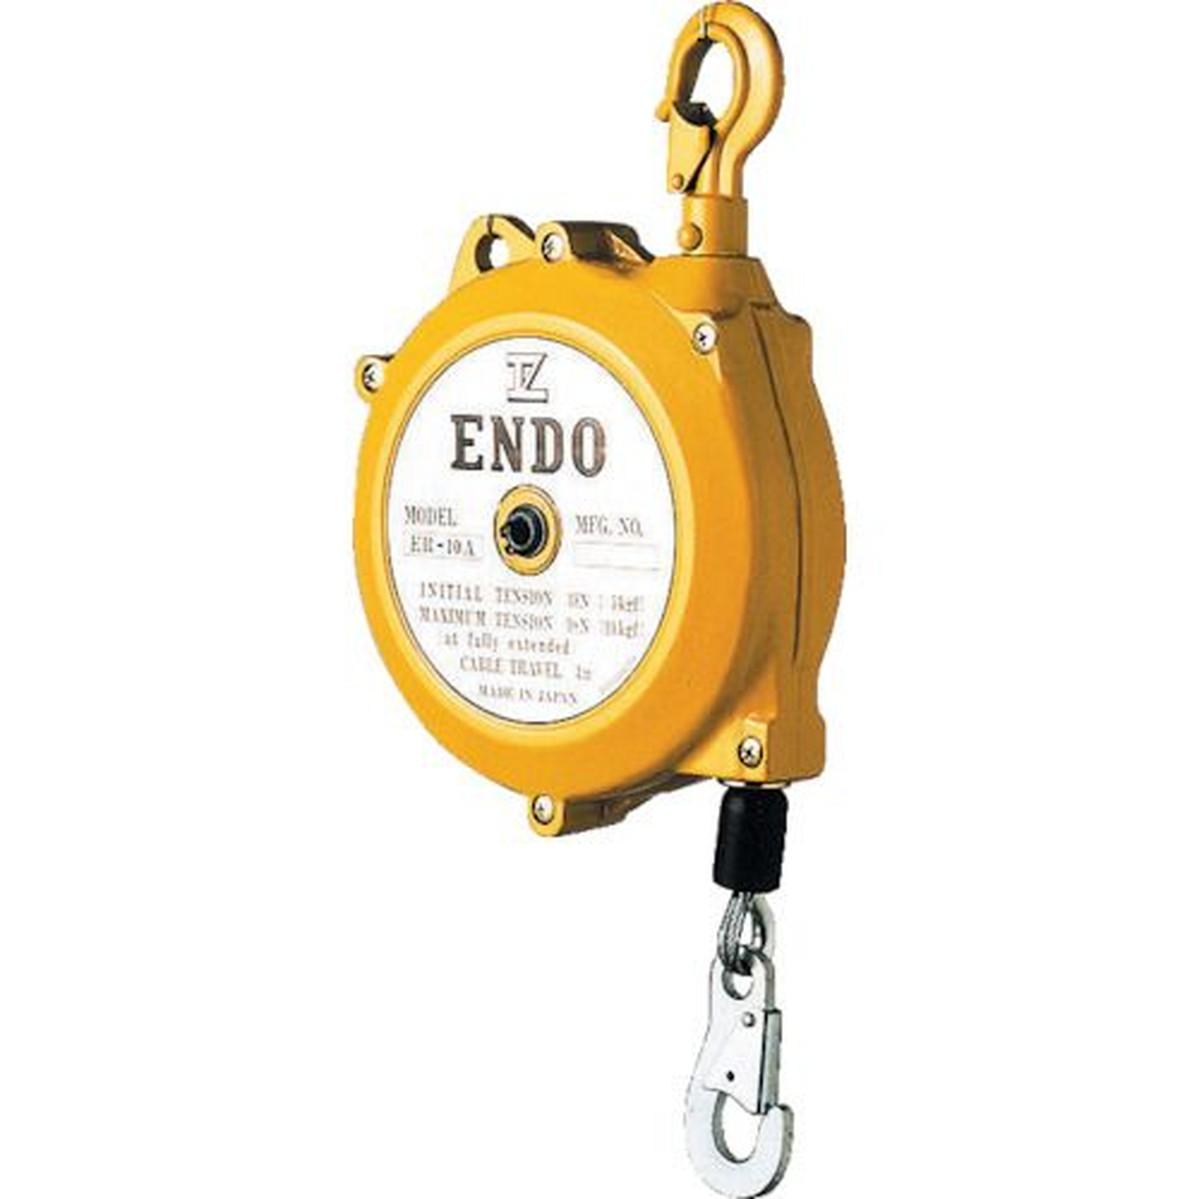 【高知インター店】 ENDO ENDO トルクリール 3m ラチェット機構付 ER-3A ラチェット機構付 3m 1台, 六戸町:a7b767b8 --- kventurepartners.sakura.ne.jp